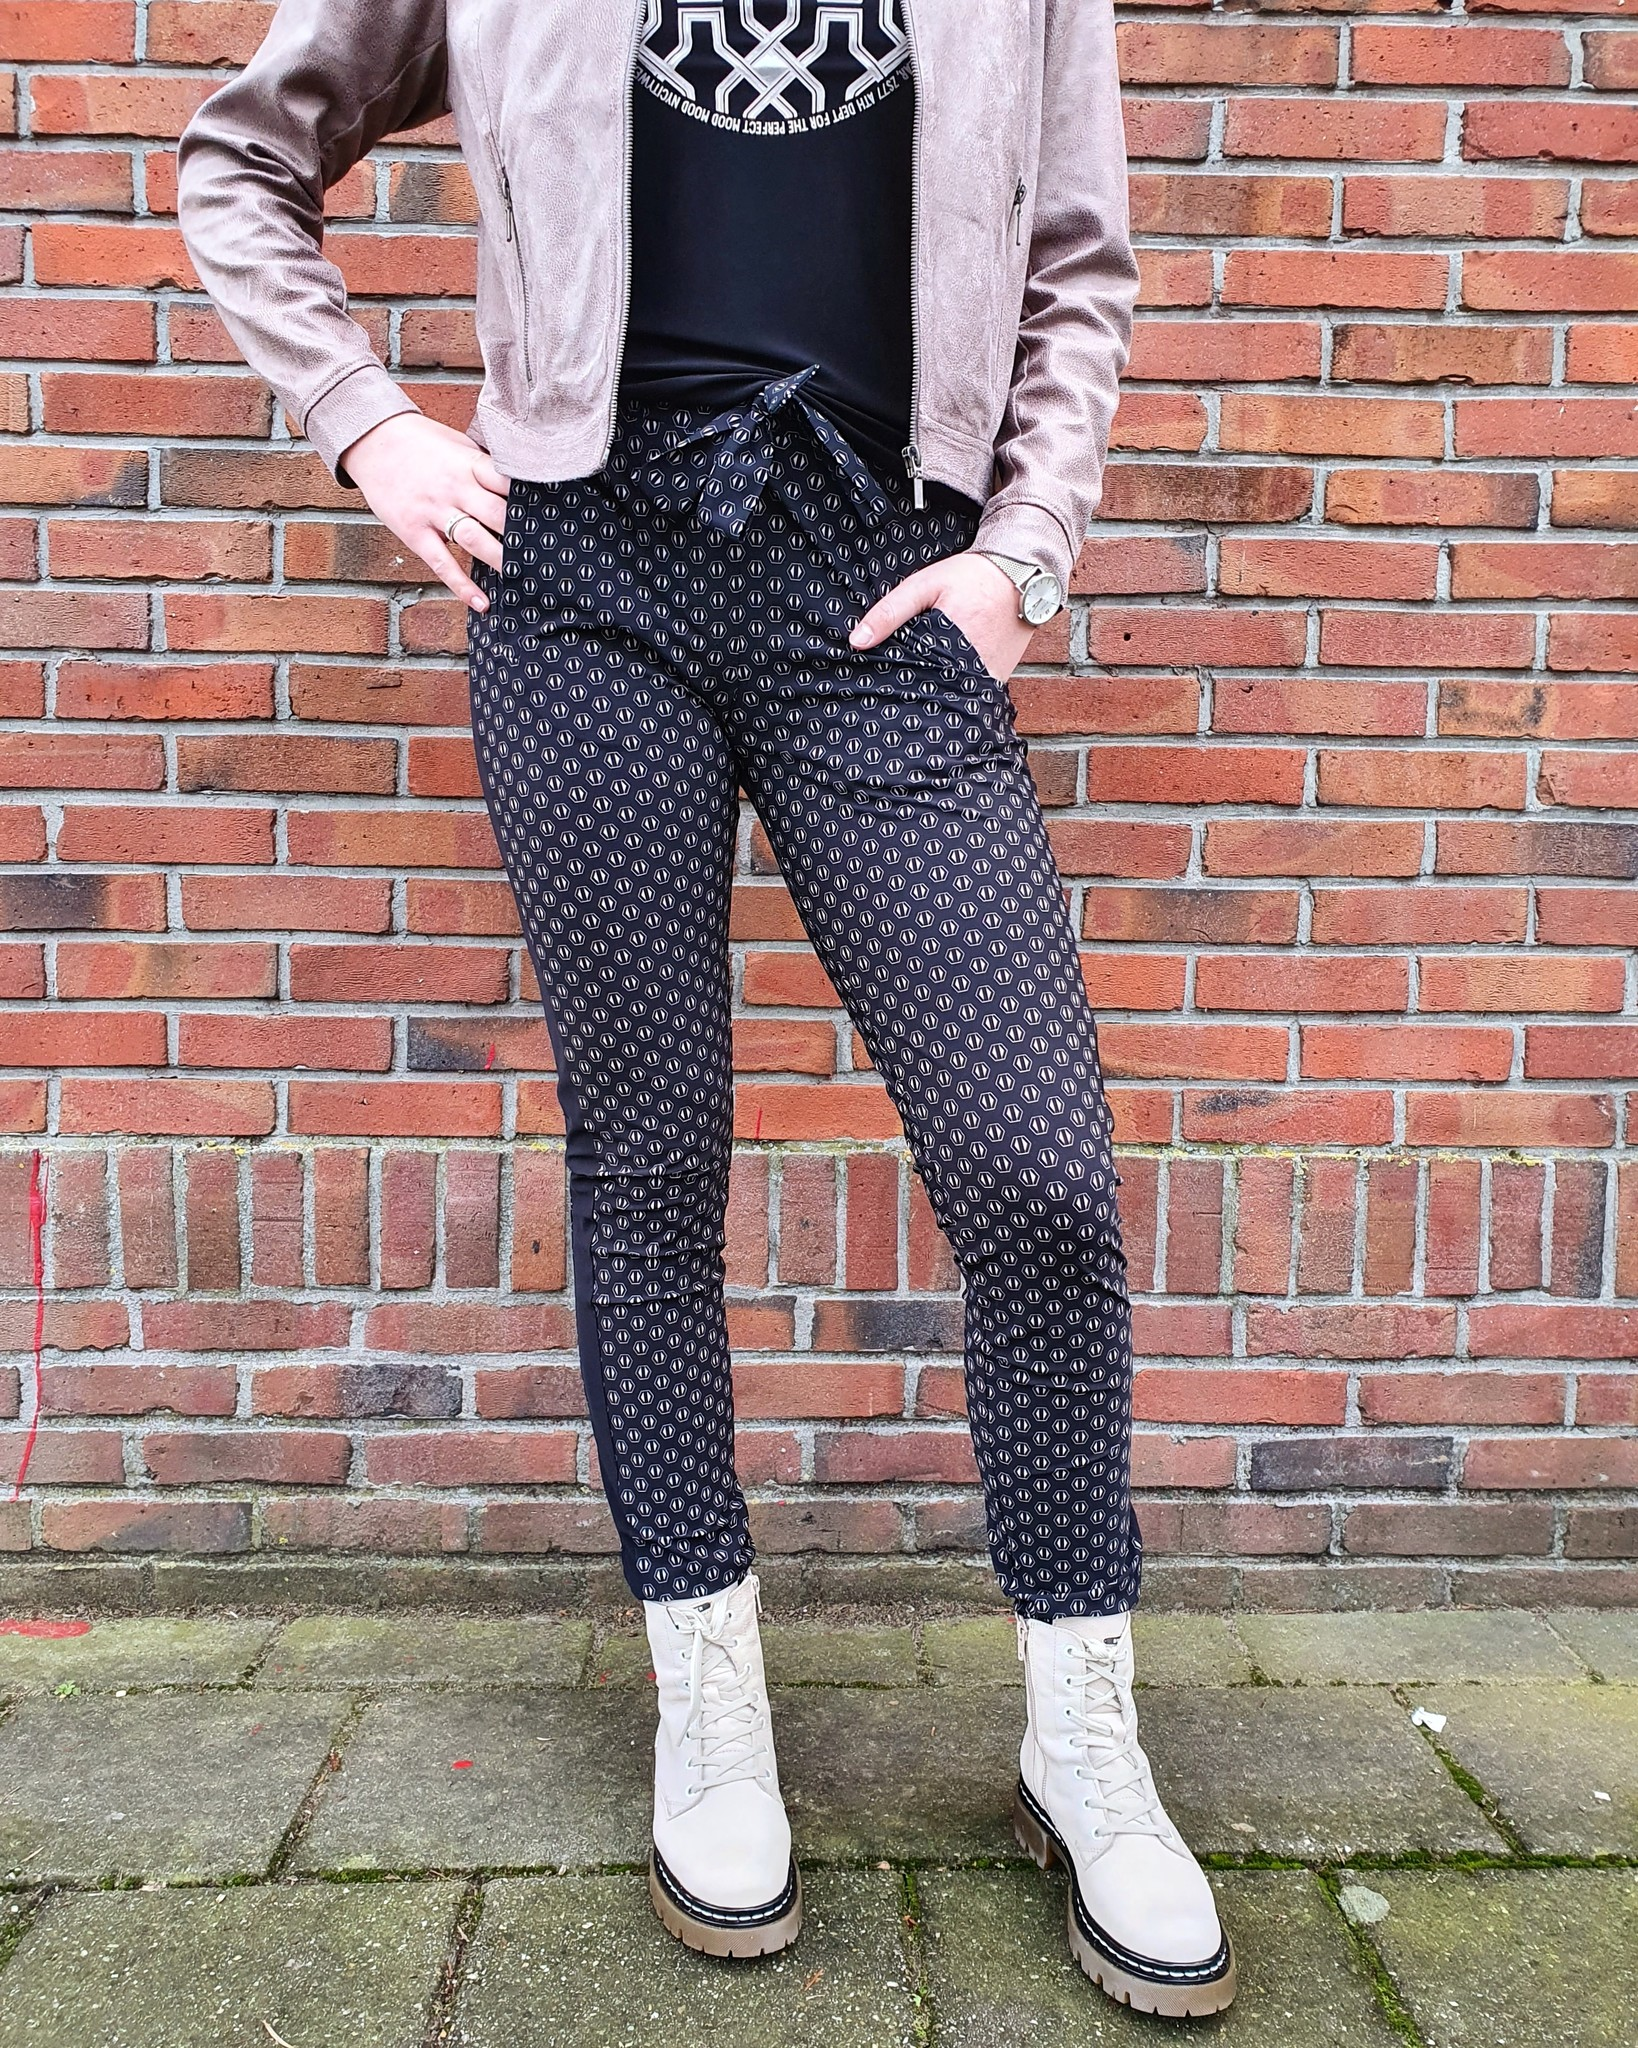 Zoso Zoso Karin Printed travelpant  with piping